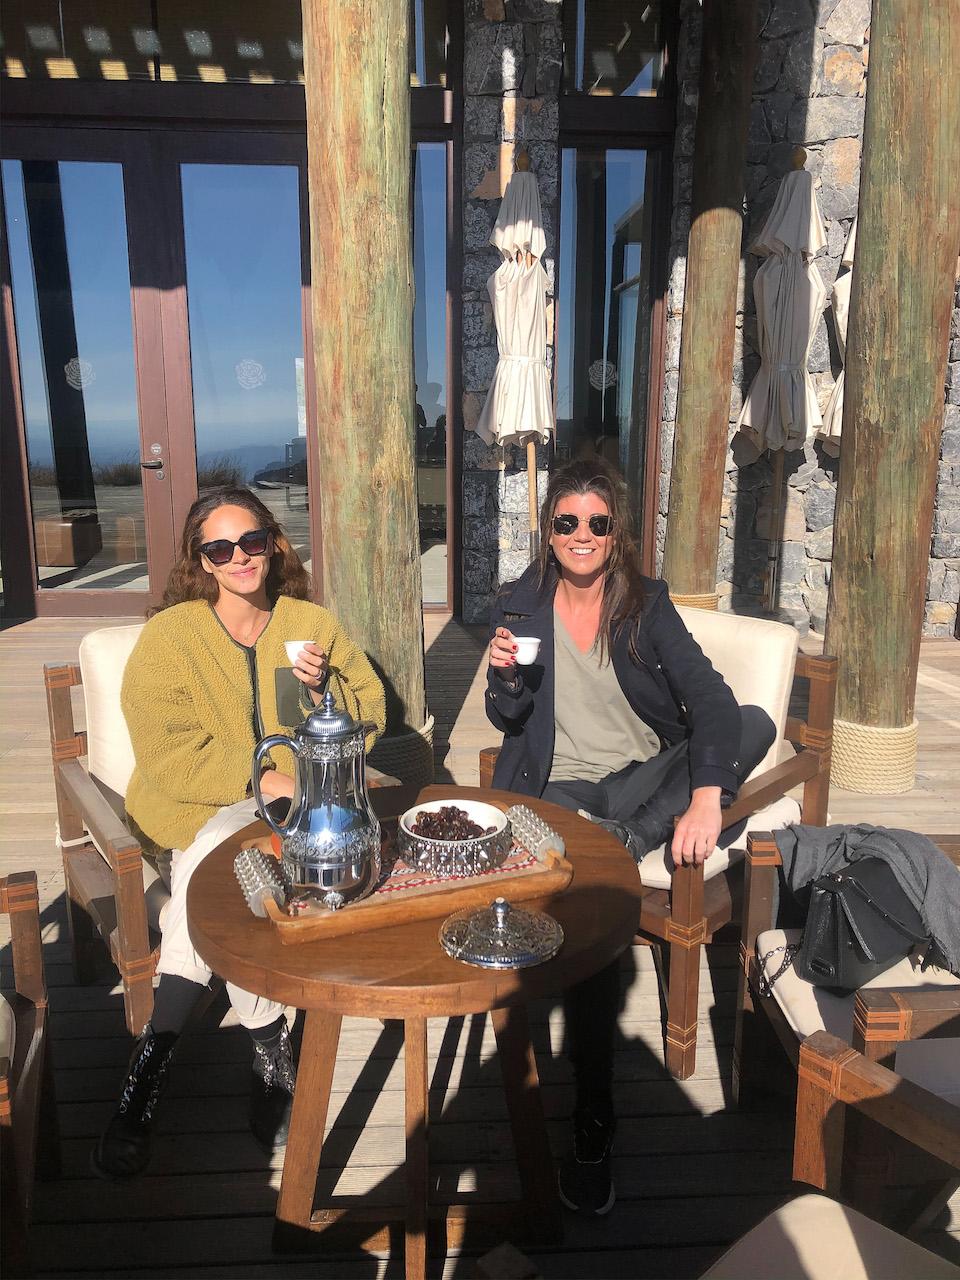 Alila Jabal Akhdar - Rondreis Oman 9 dagen tips - mooiste hotel van Oman - Chloe Sterk - Amandine Hach